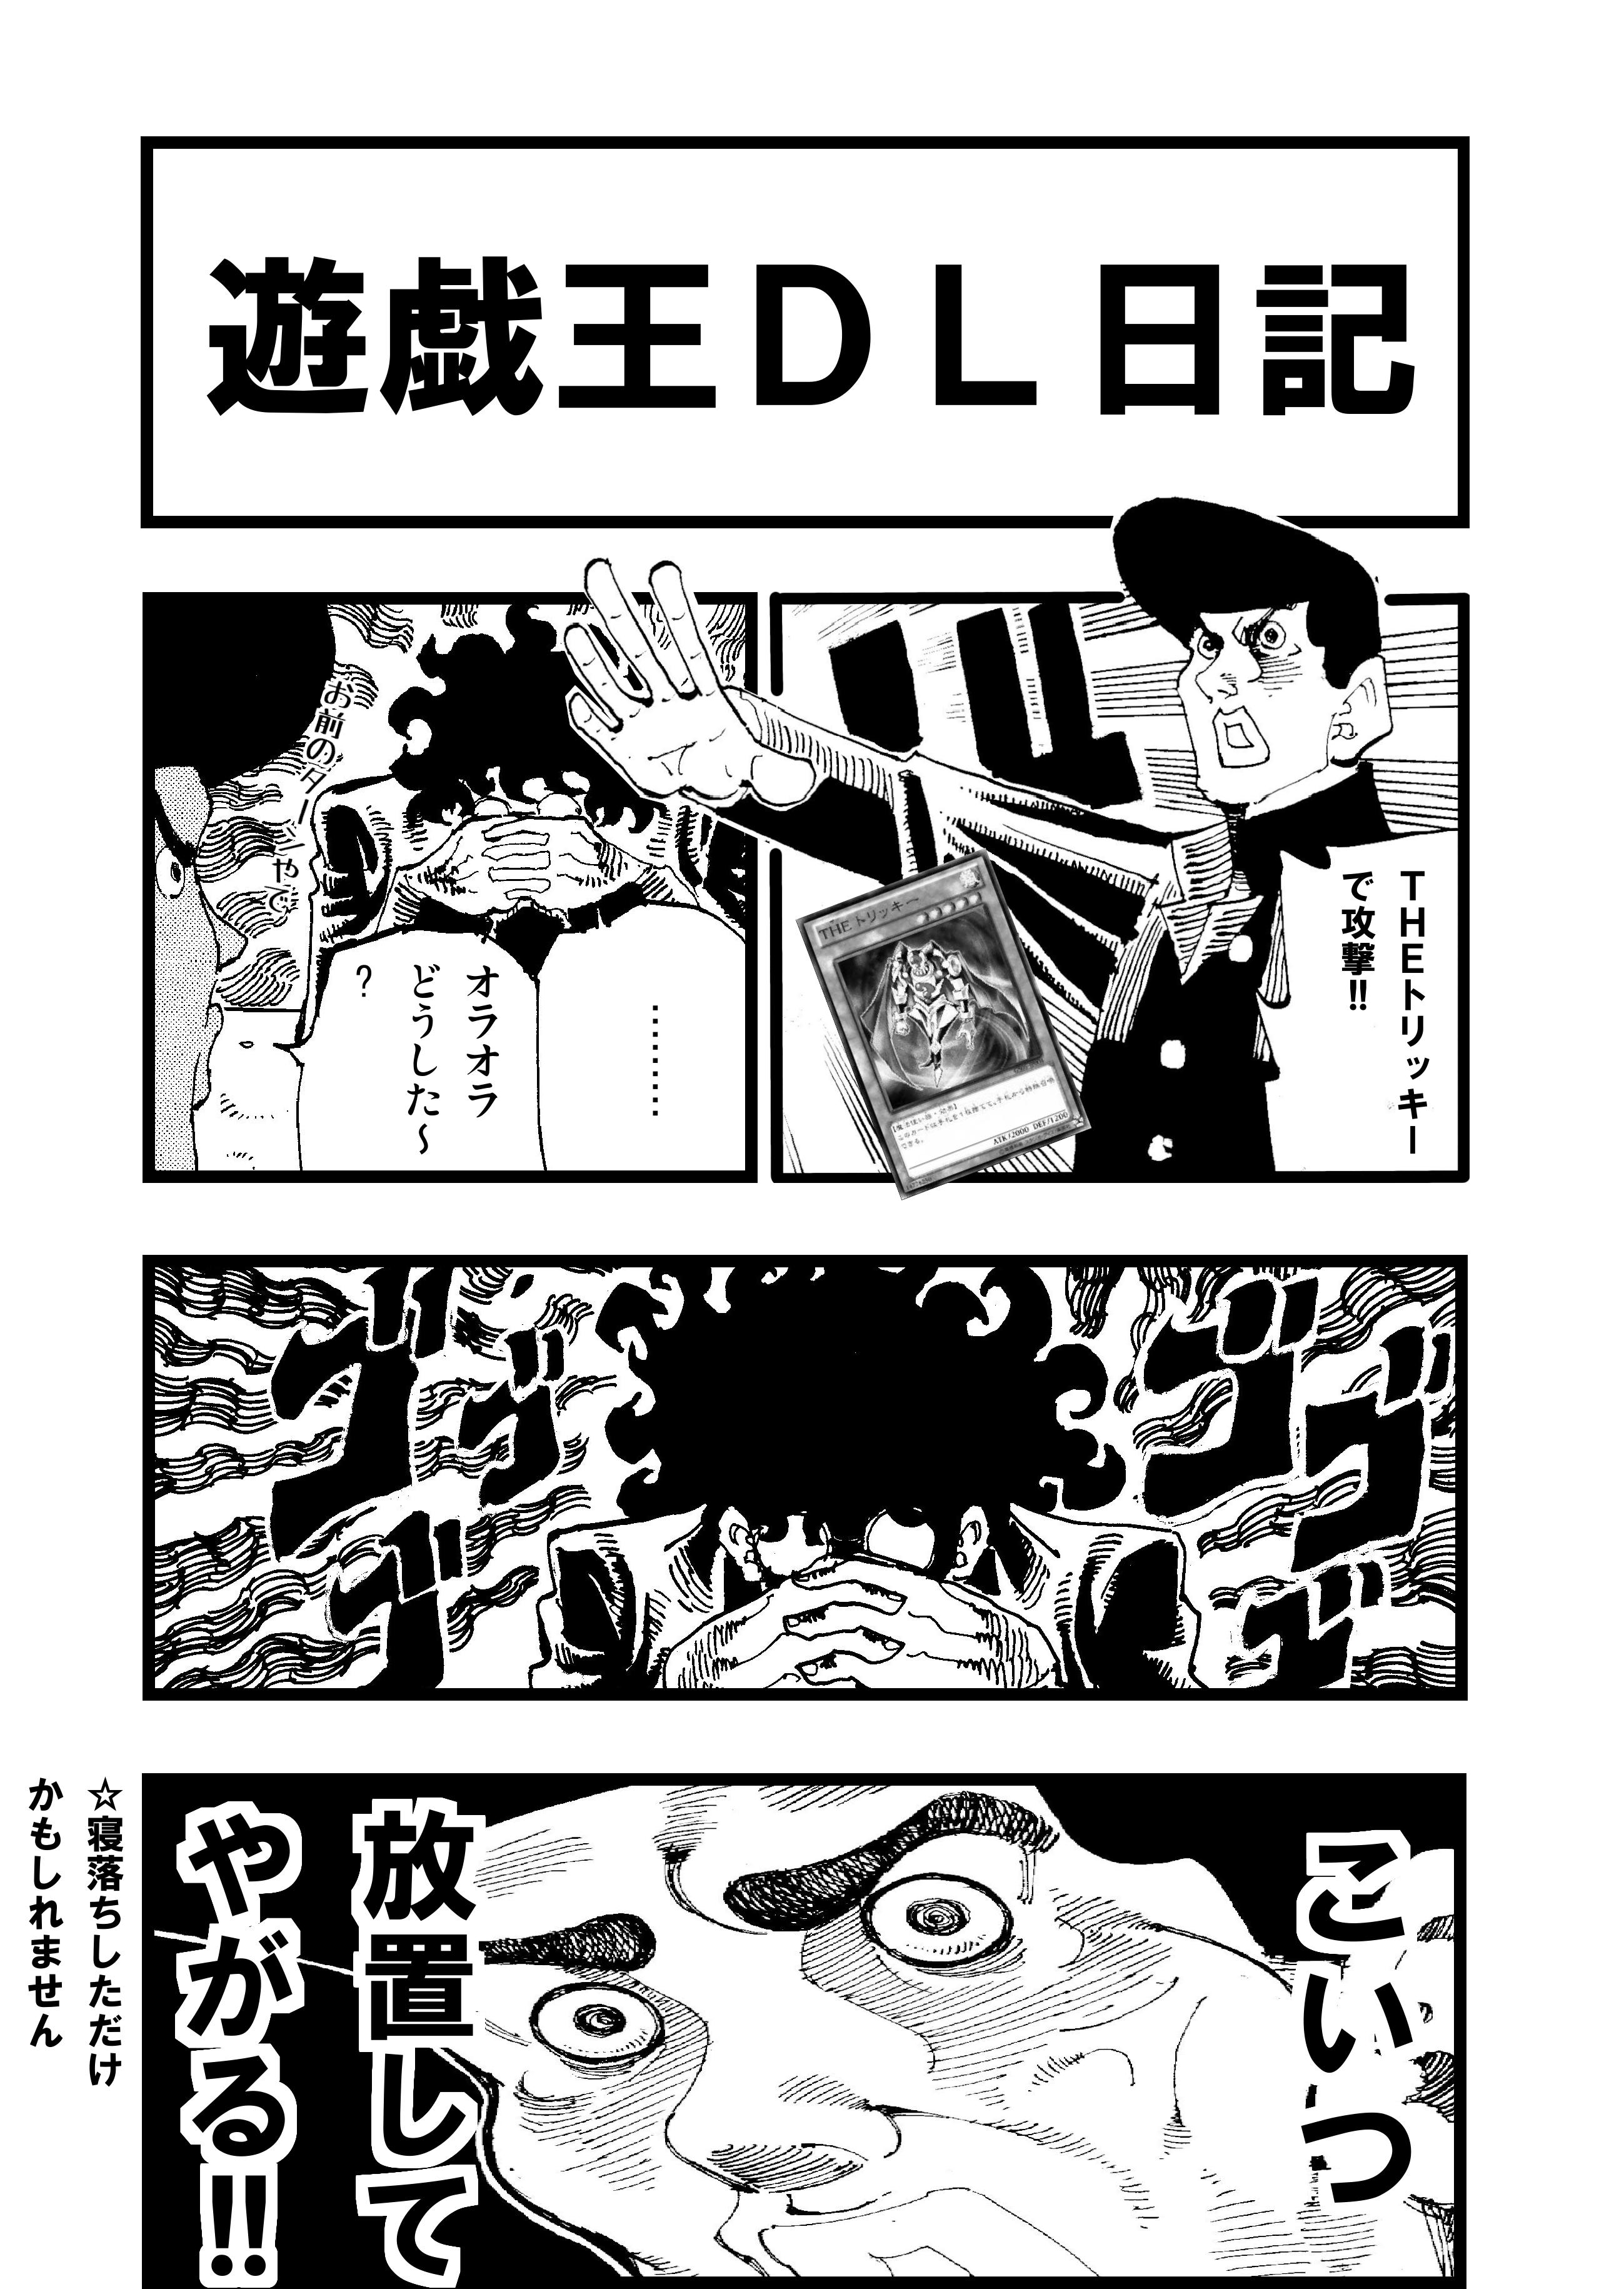 遊戯王デュエルリンクス日記6 疑惑